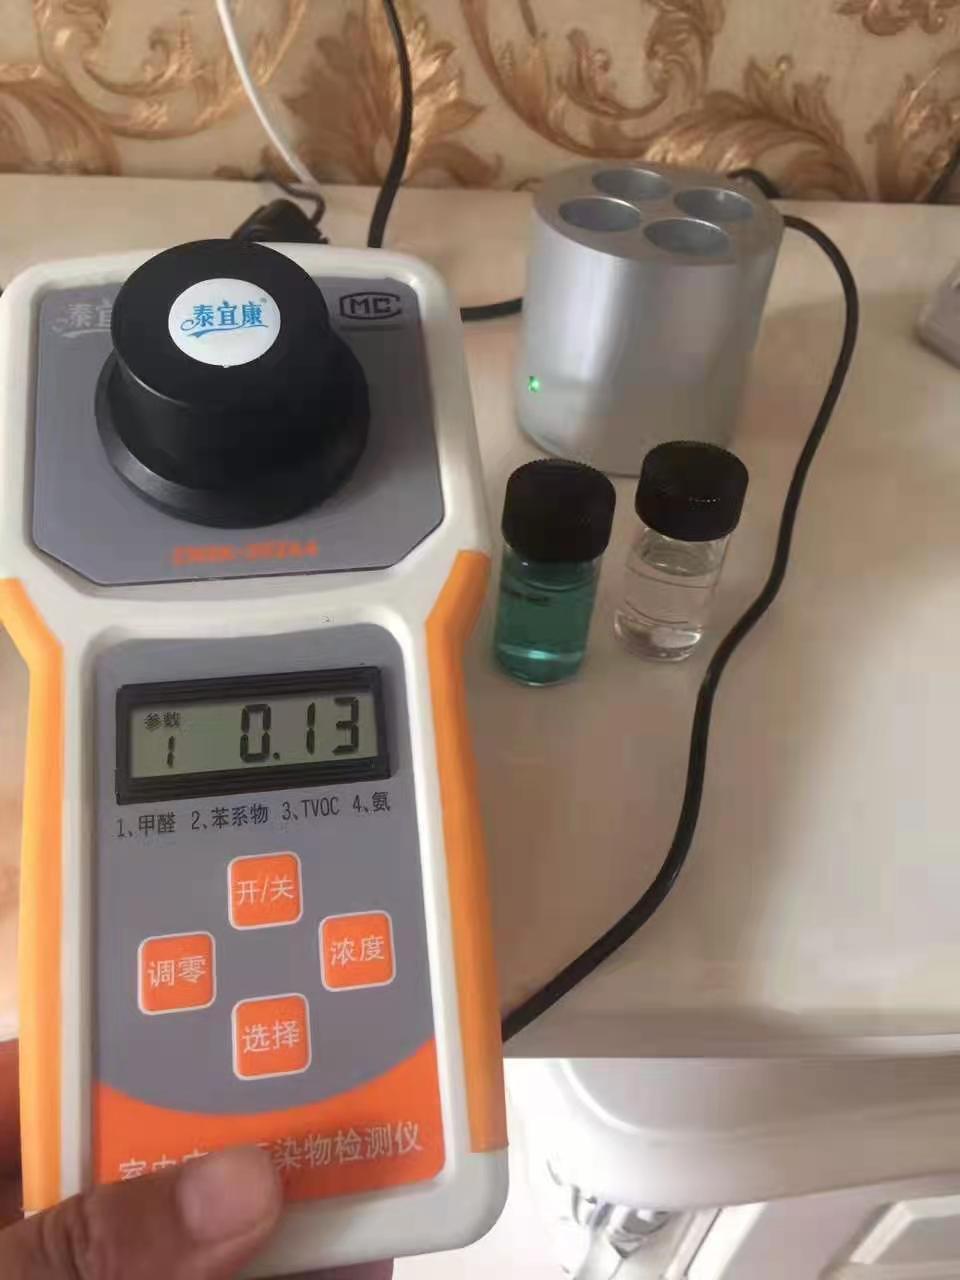 贵阳甲醛治理 贵阳甲醛检测  贵阳除甲醛公司,贵阳装修除甲醛